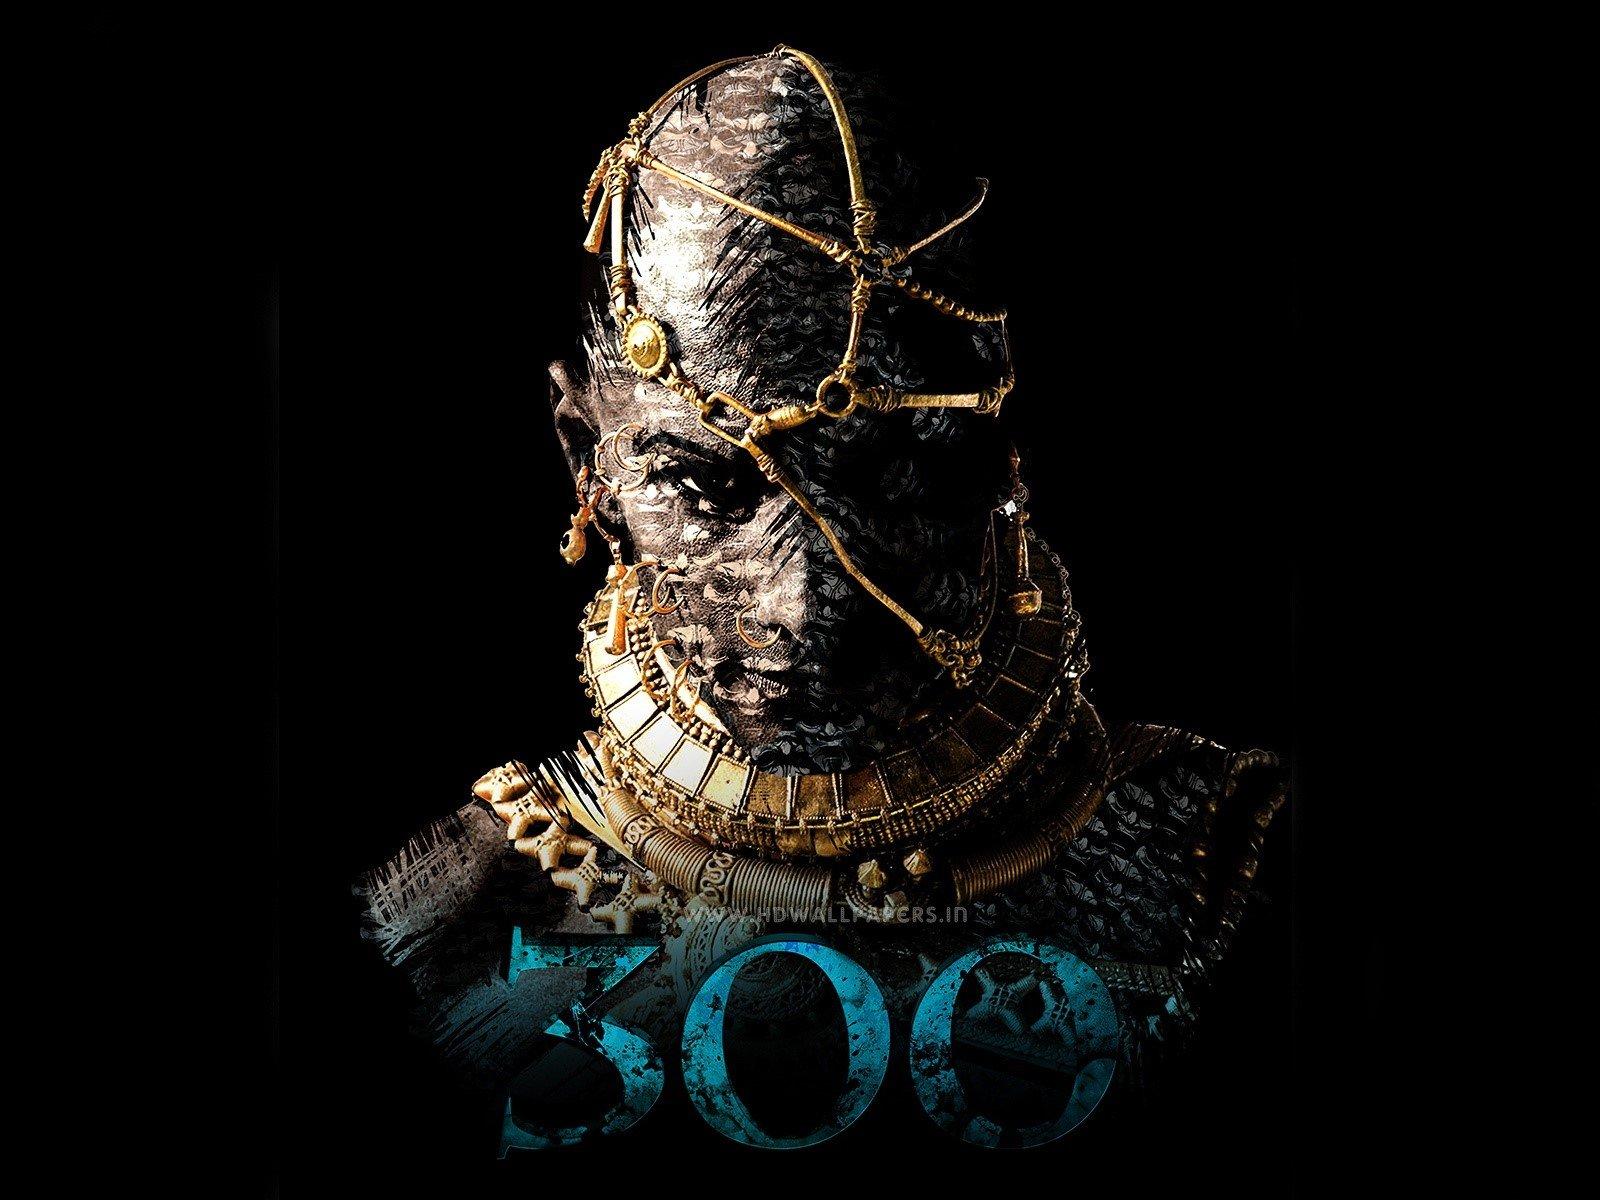 Wallpaper 300 El nacimiento de un imperio Images